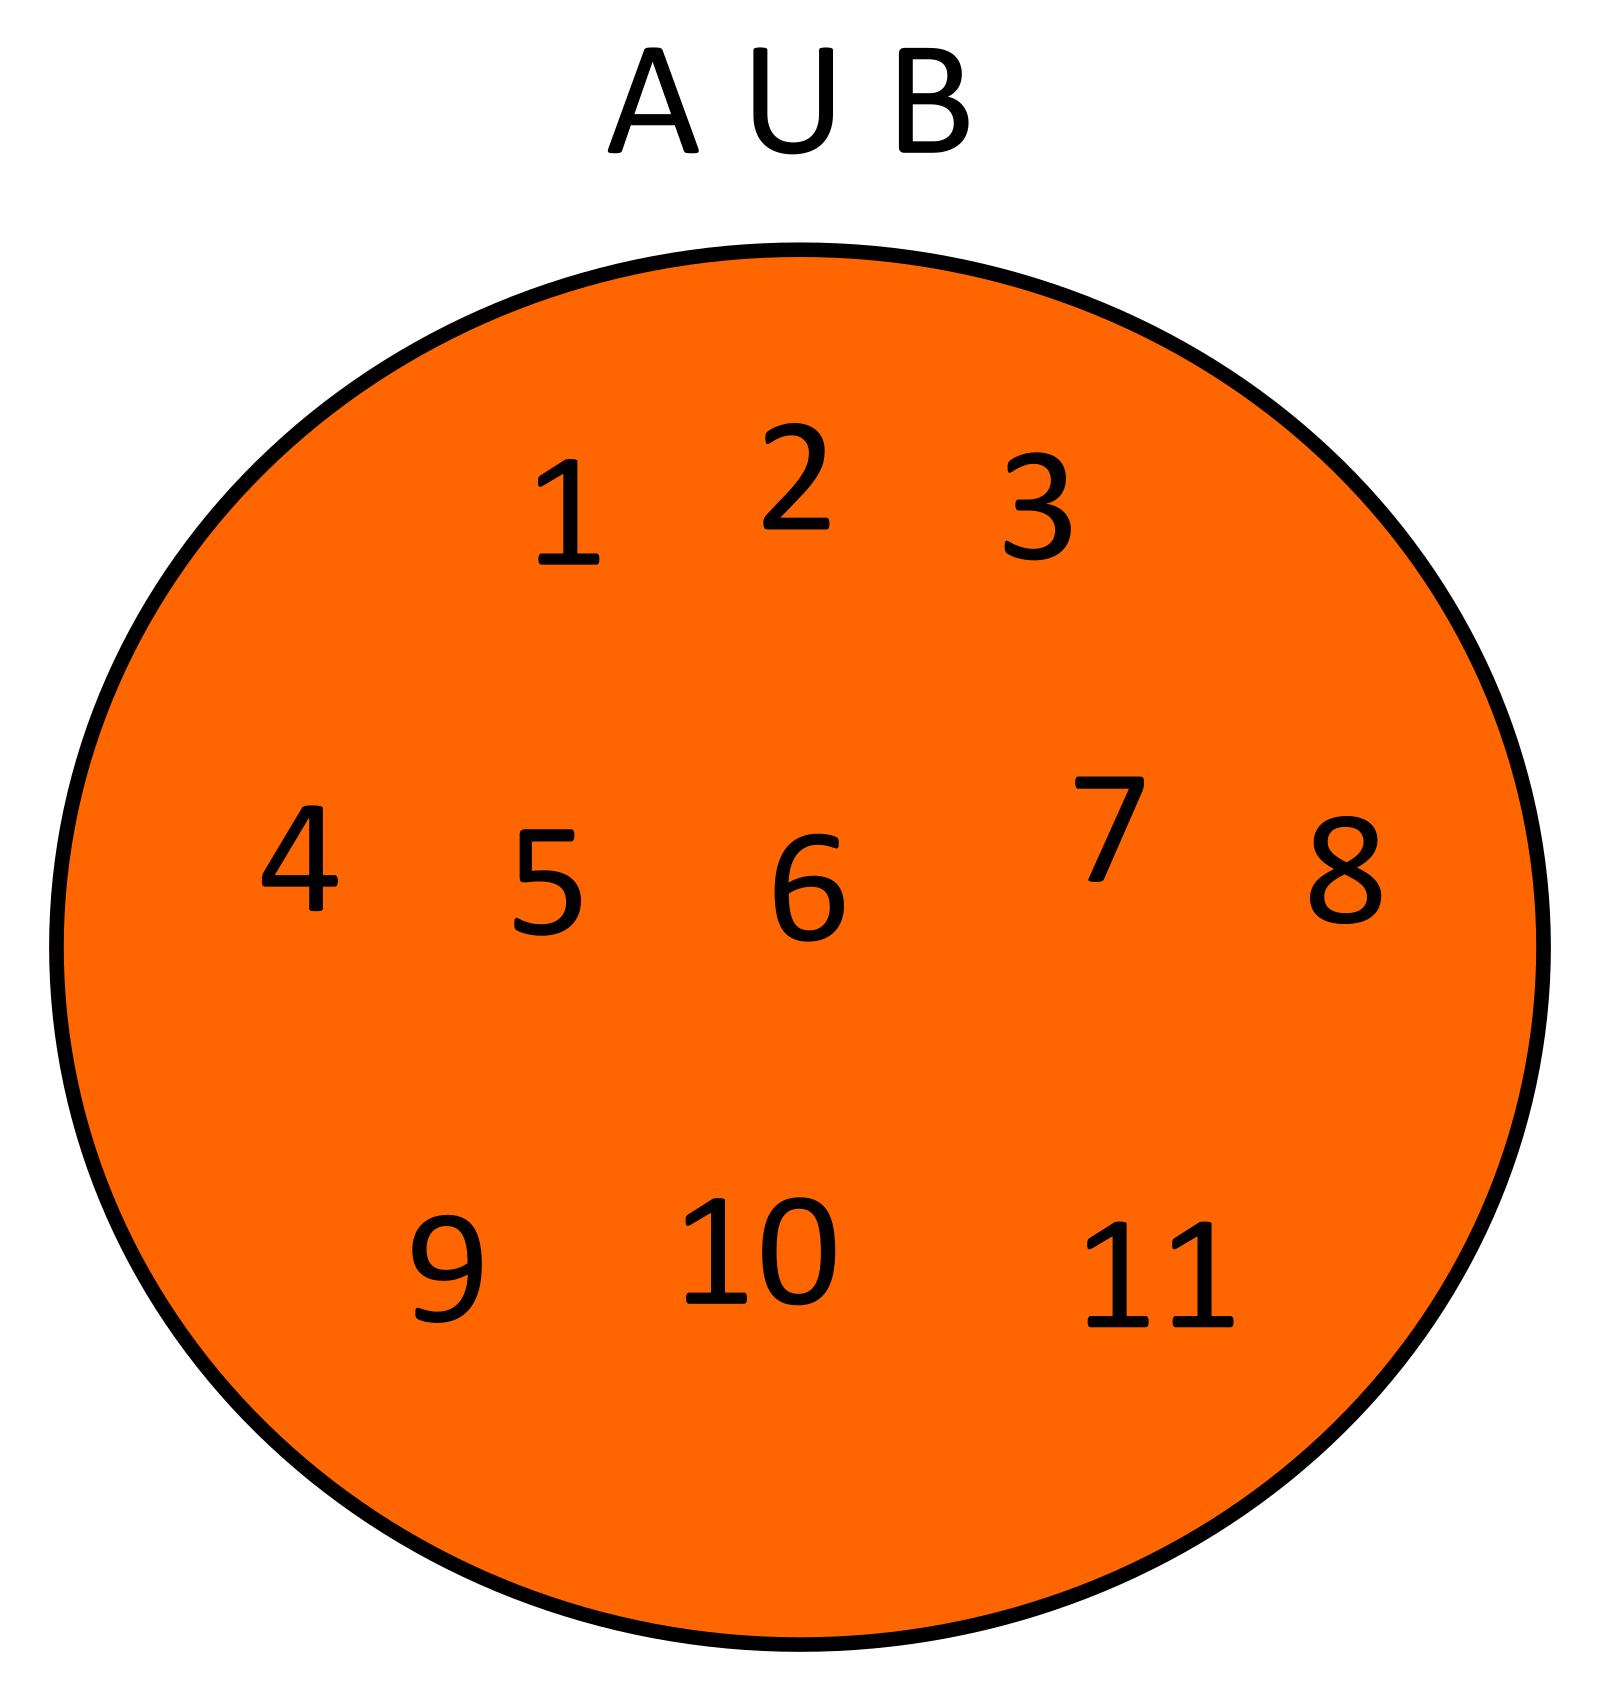 Conoce3000 dados dos conjuntos a1234567 y b891011 la unin de estos conjuntos ser ab1234567891011 usando diagramas de venn se tendra ccuart Choice Image